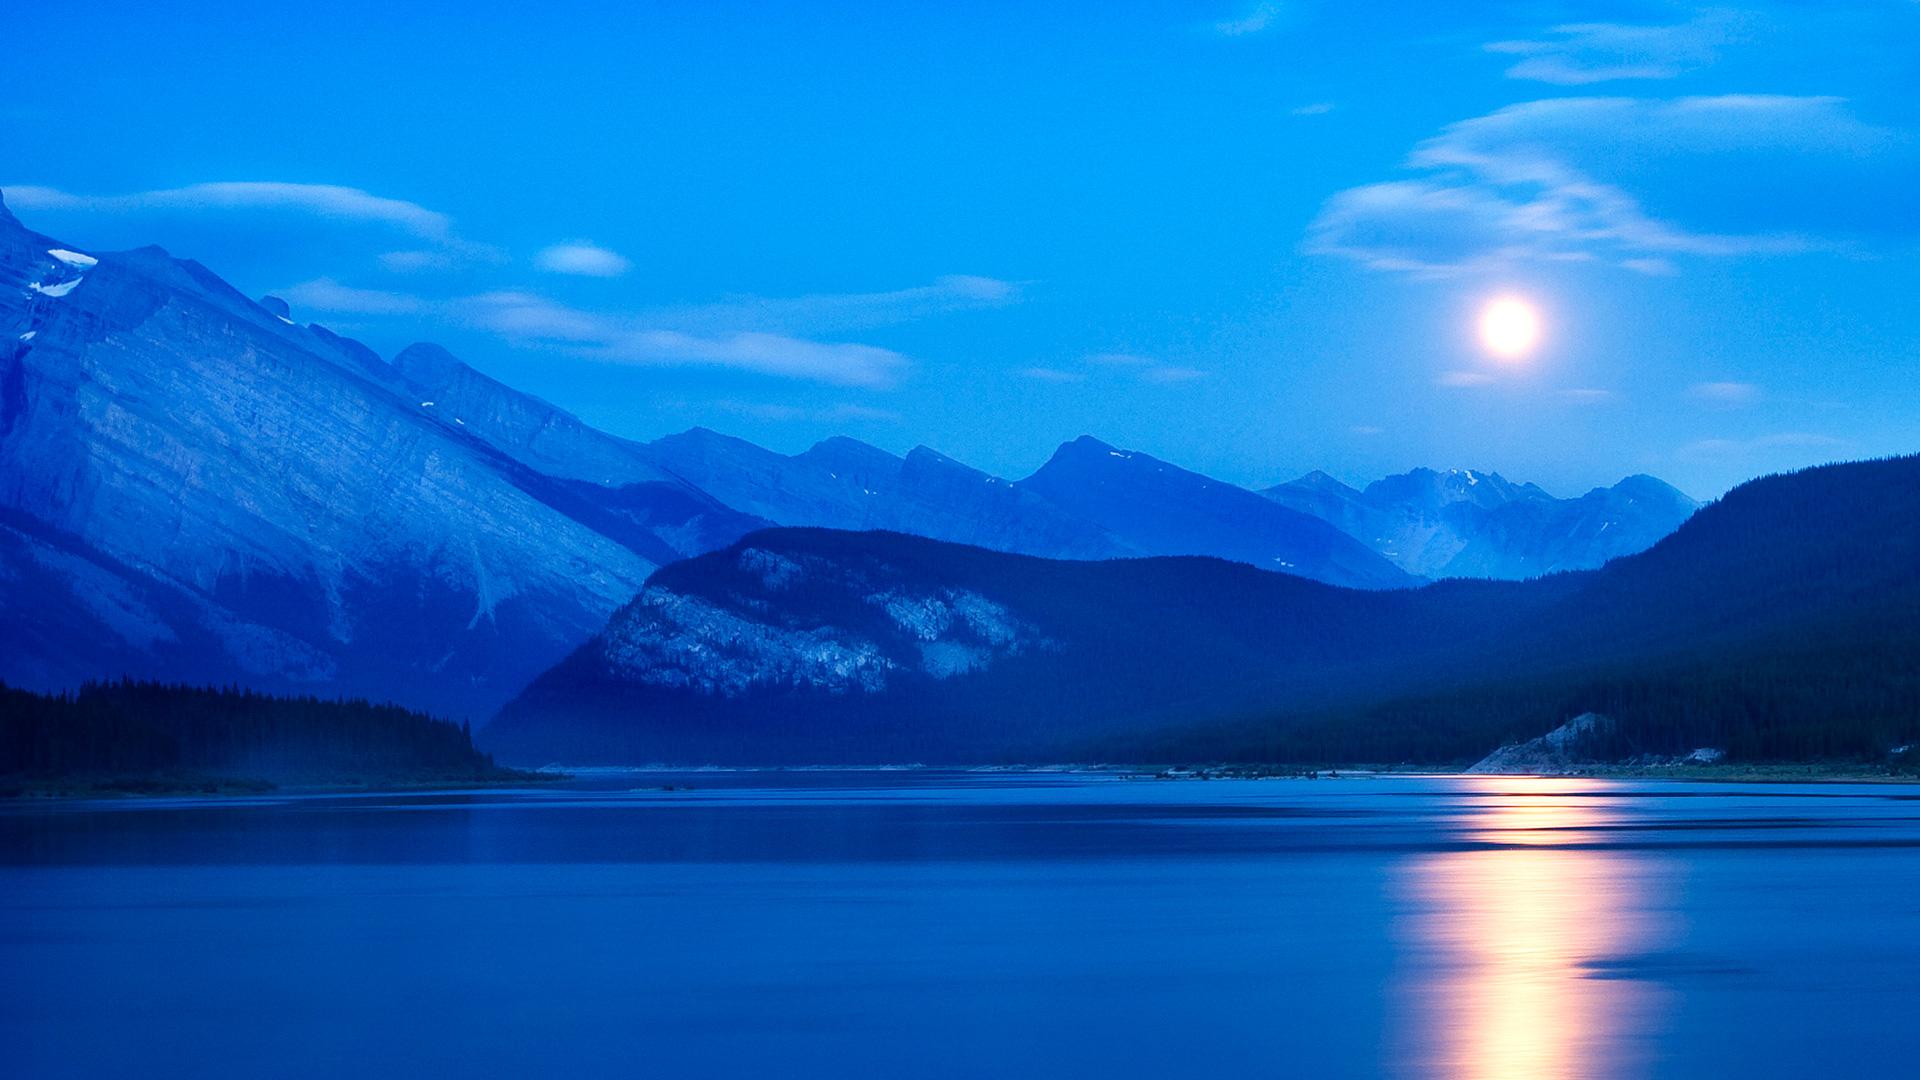 Погода и метеоусловия в спрей озера водохранилища Альберта Канада. обои скачать